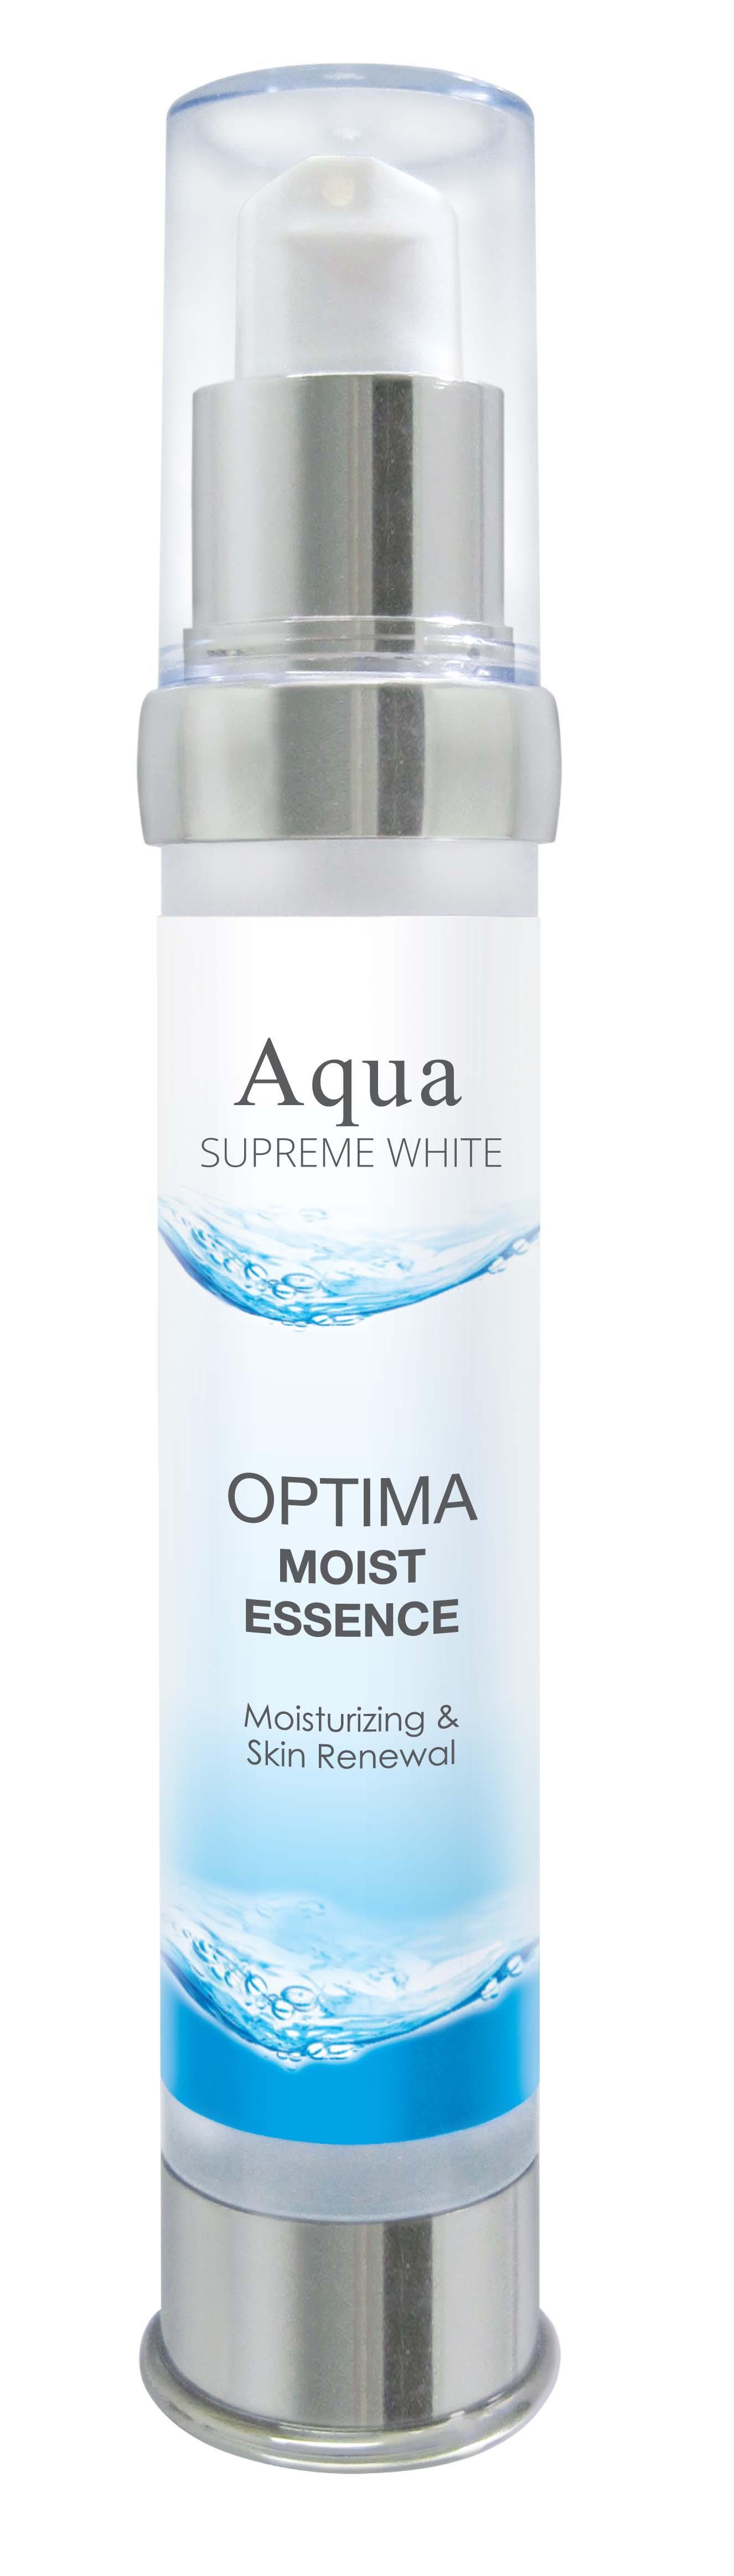 Aqua Supreme White Optima Moist Essence (30ml)